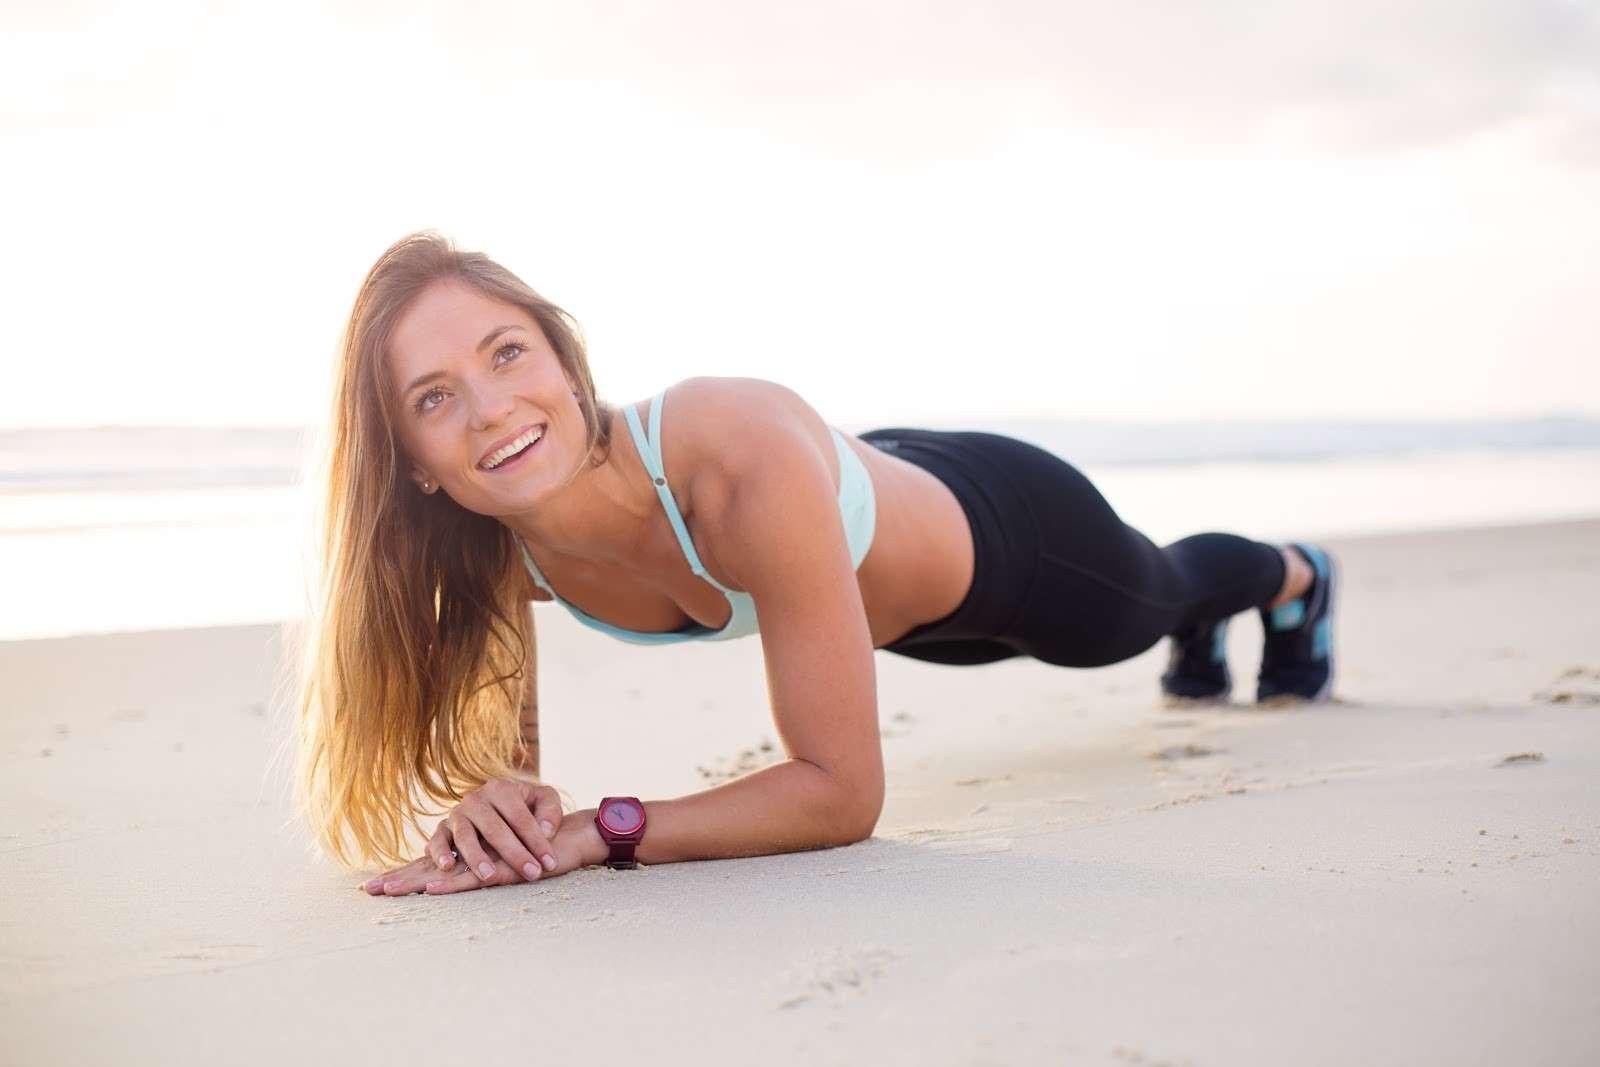 Femme sur le bord de la plage en train de faire la planche pour son cours de Extrême HIIT Yoga